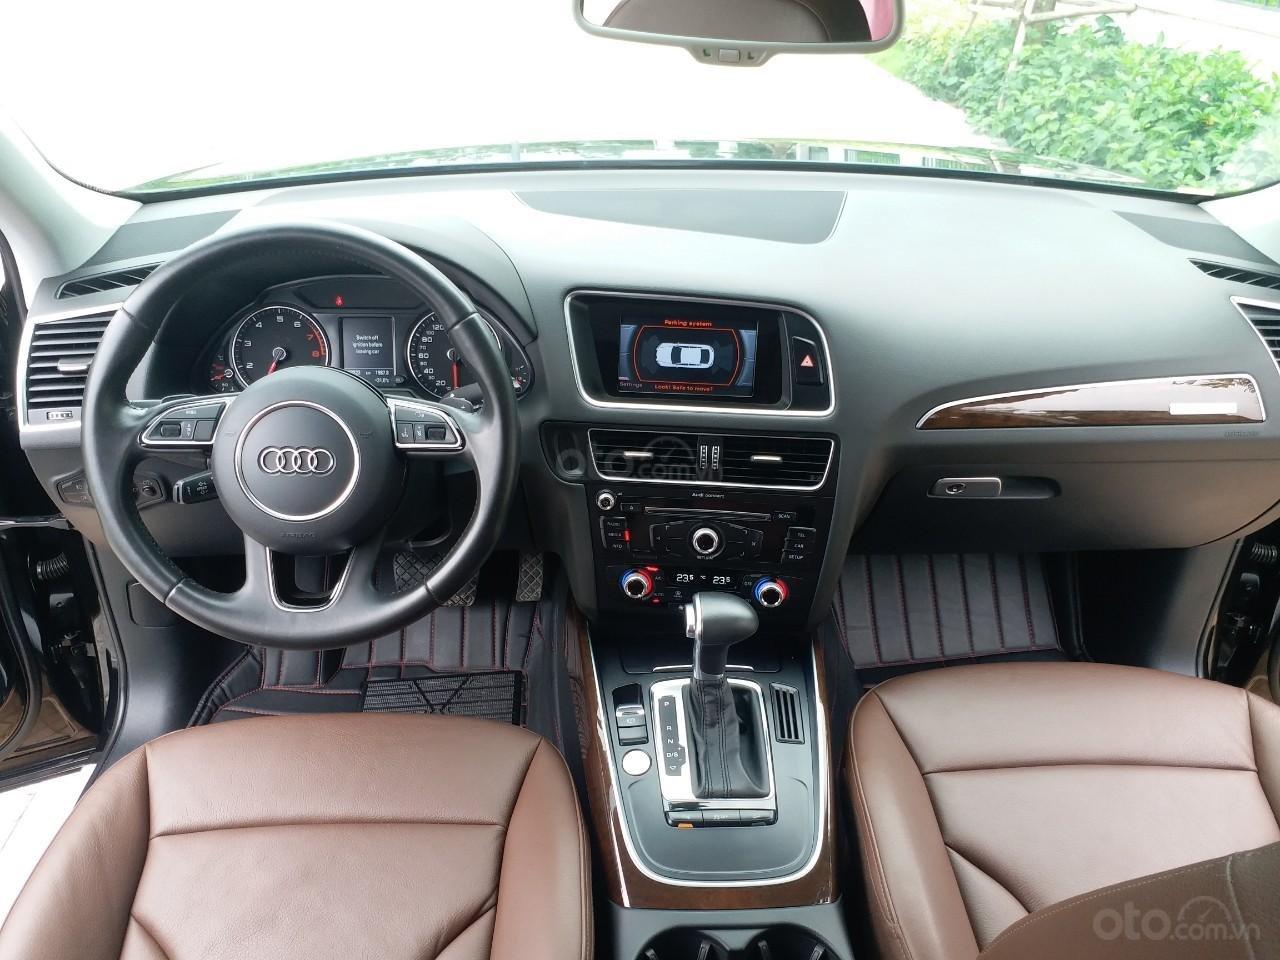 Bán Audi Q5 2.0 TFSI màu đen/ nâu, sản xuất cuối 2015 nhập Đức, đăng ký 2016 tên tư nhân (9)